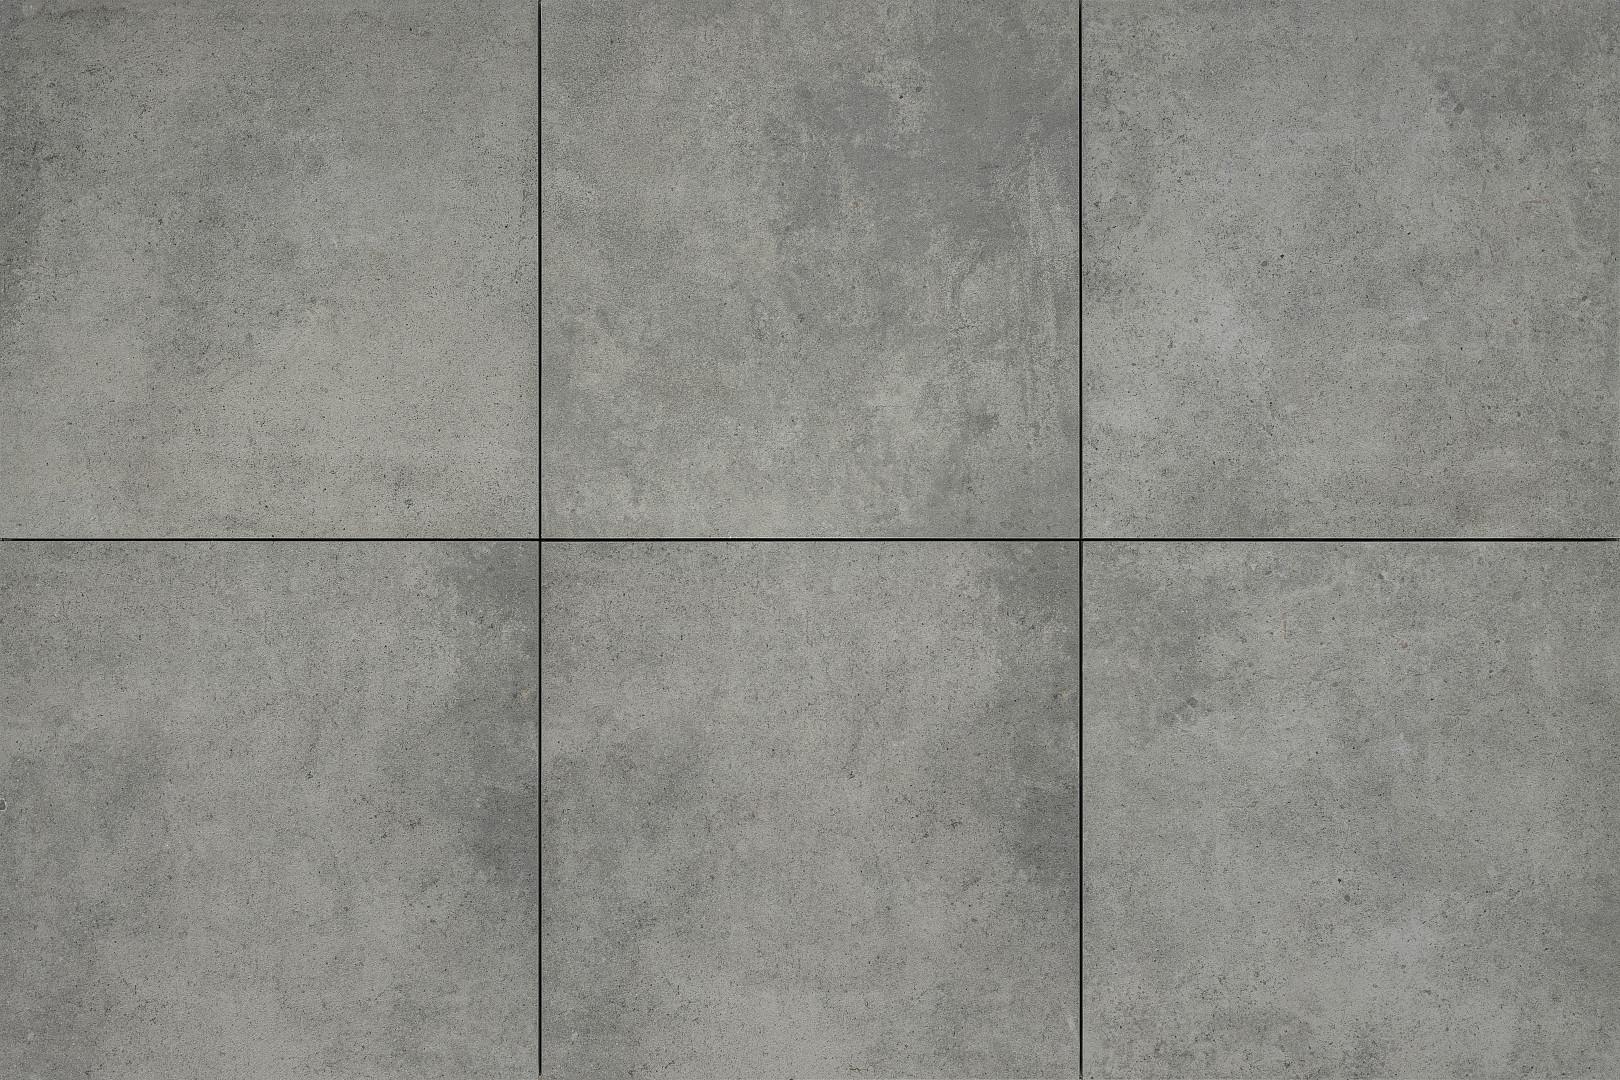 CERASUN Limestone Dark Grey 60x60x4